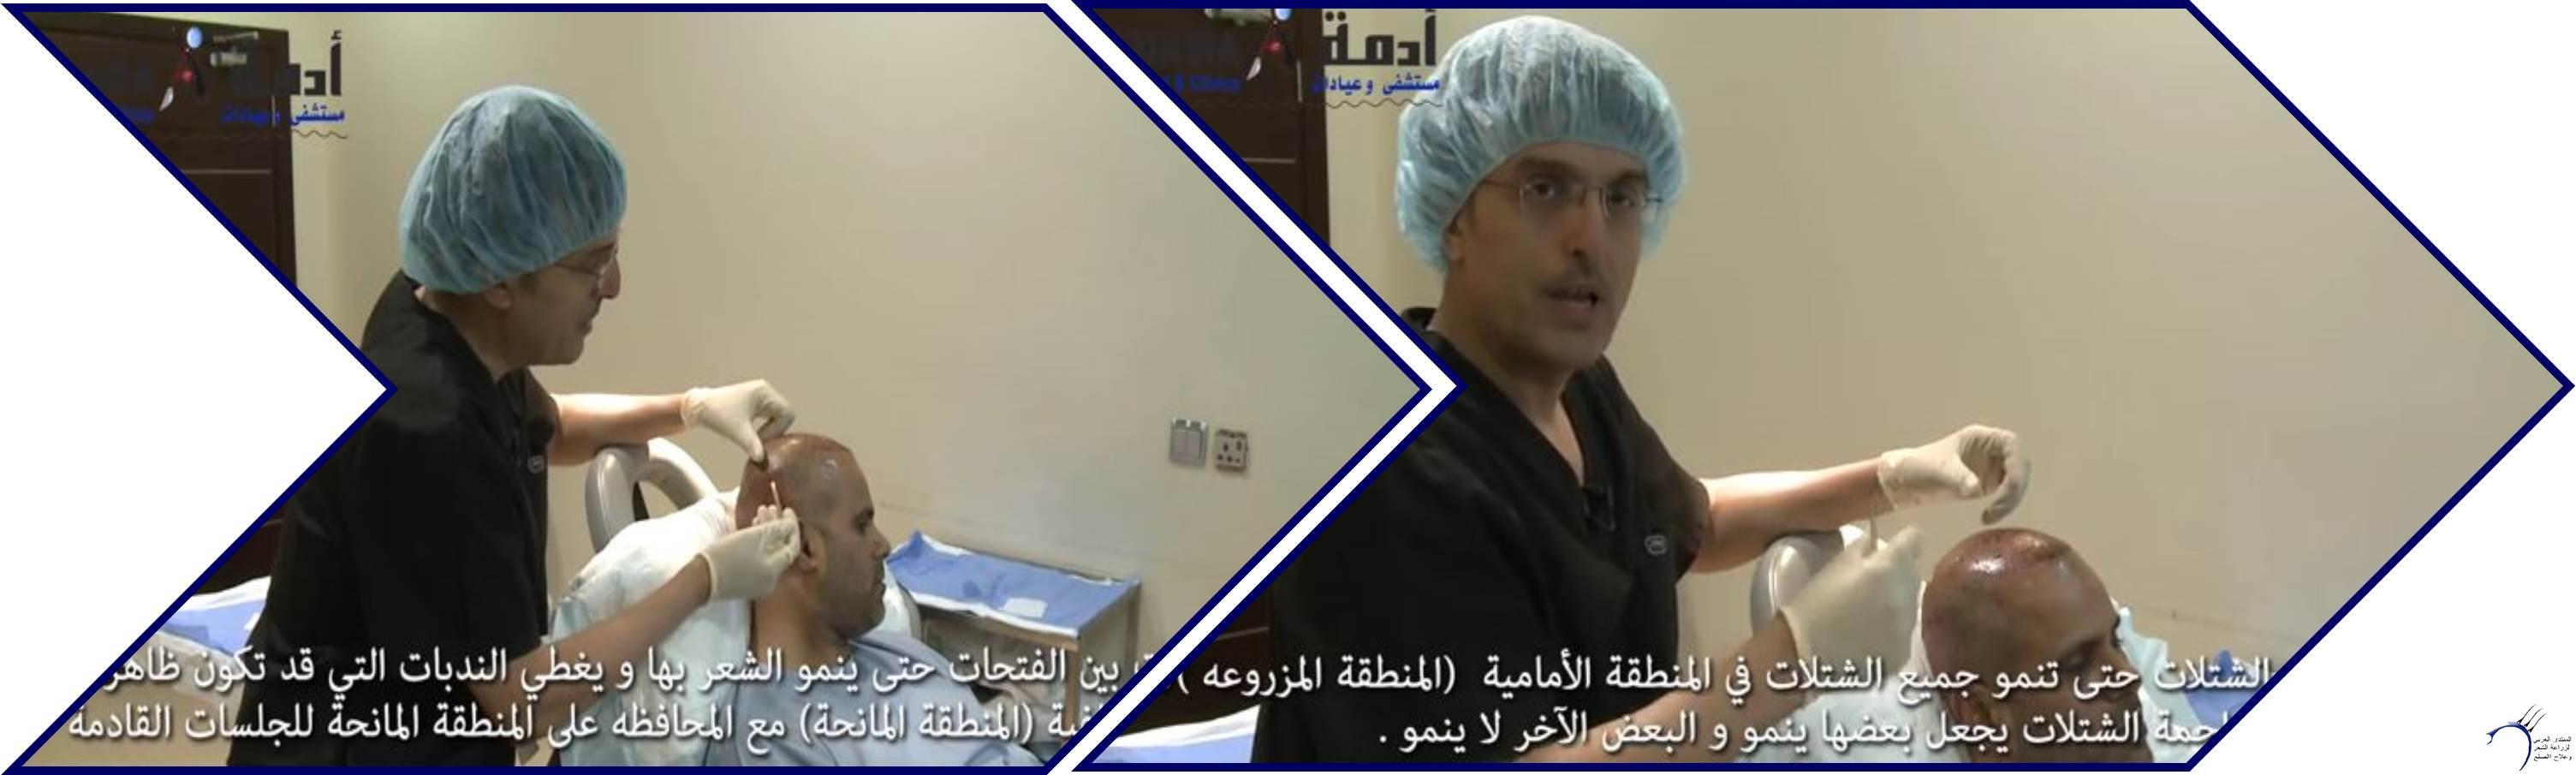 مشاكل الصلع وزراعة الشعر للدكتور www.hairarab.comf160